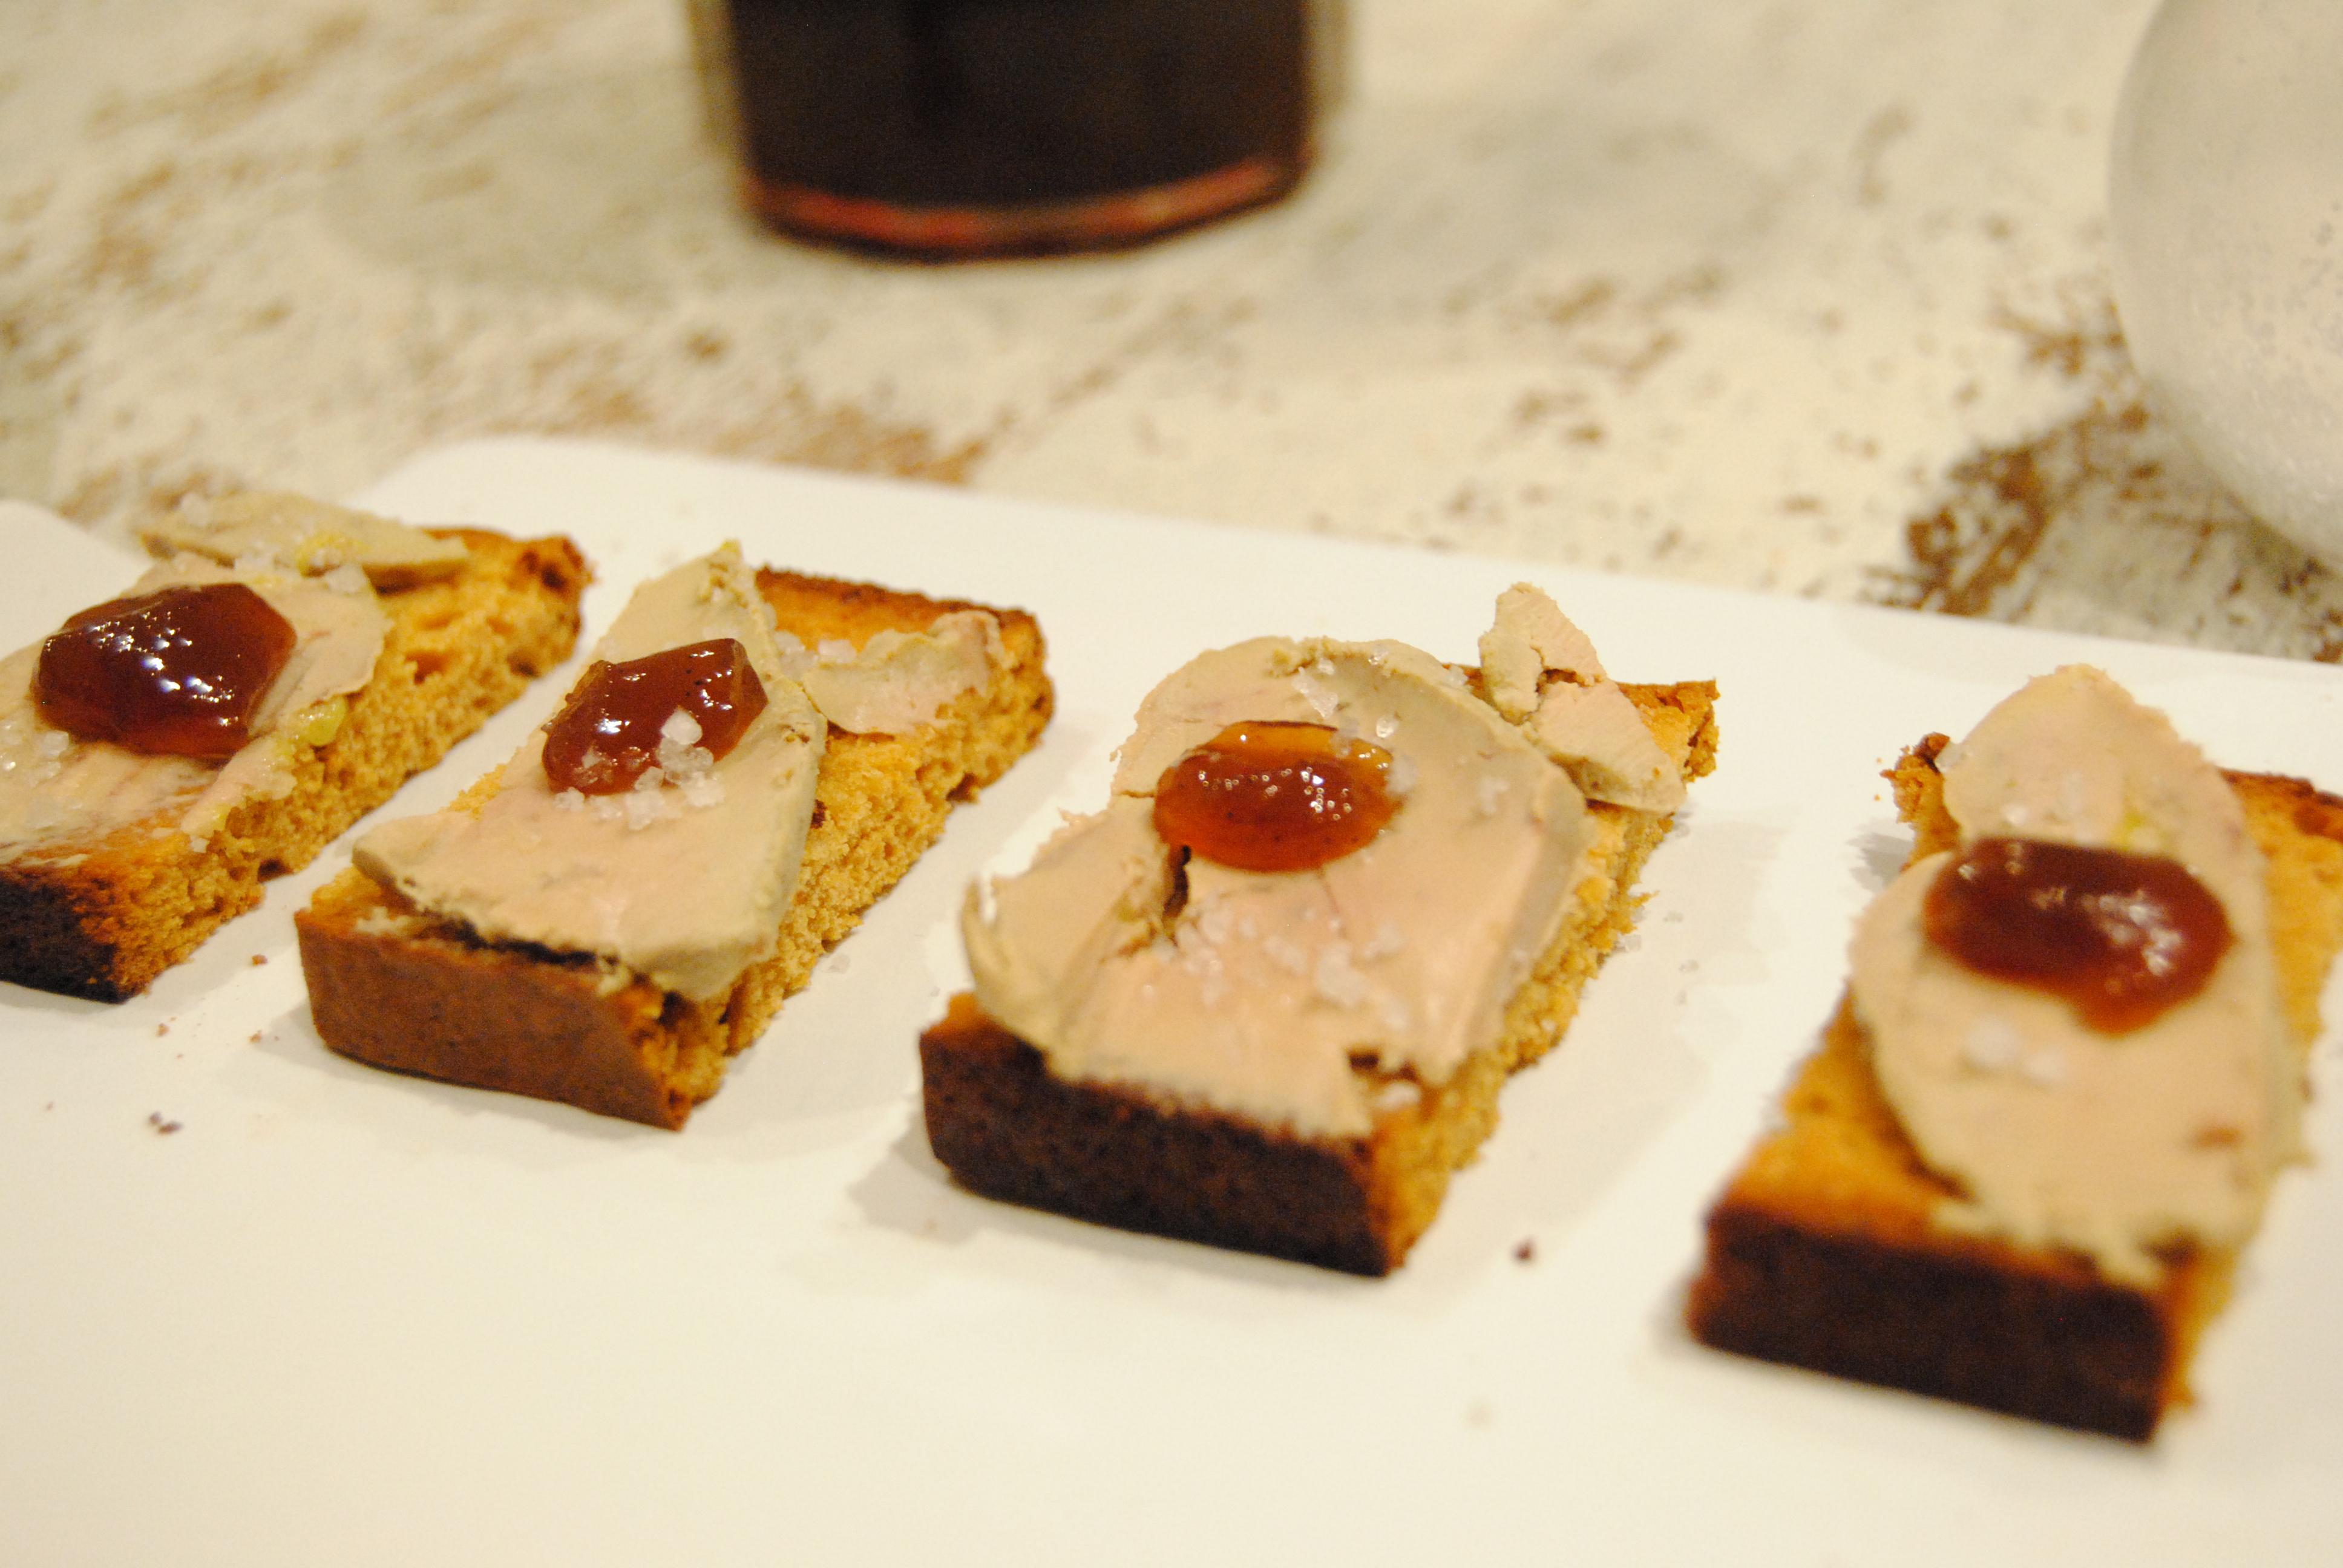 Zak de no l 1 toast de foie gras revisit happy fridge - Quantite foie gras par personne ...